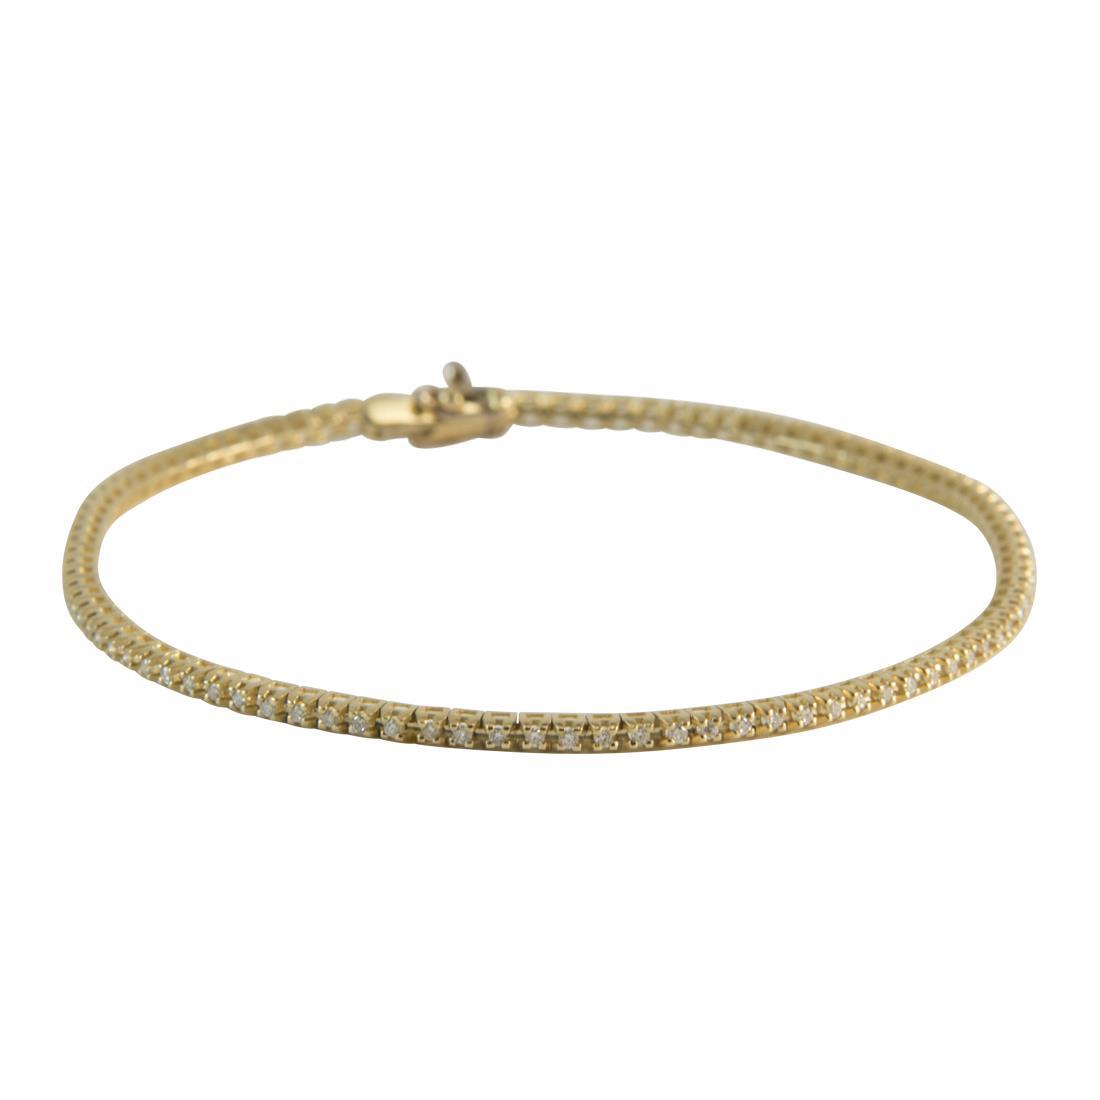 Braccial  in oro giallo con diamanti ct 0.50 misura 18cm - ALFIERI ST JOHN